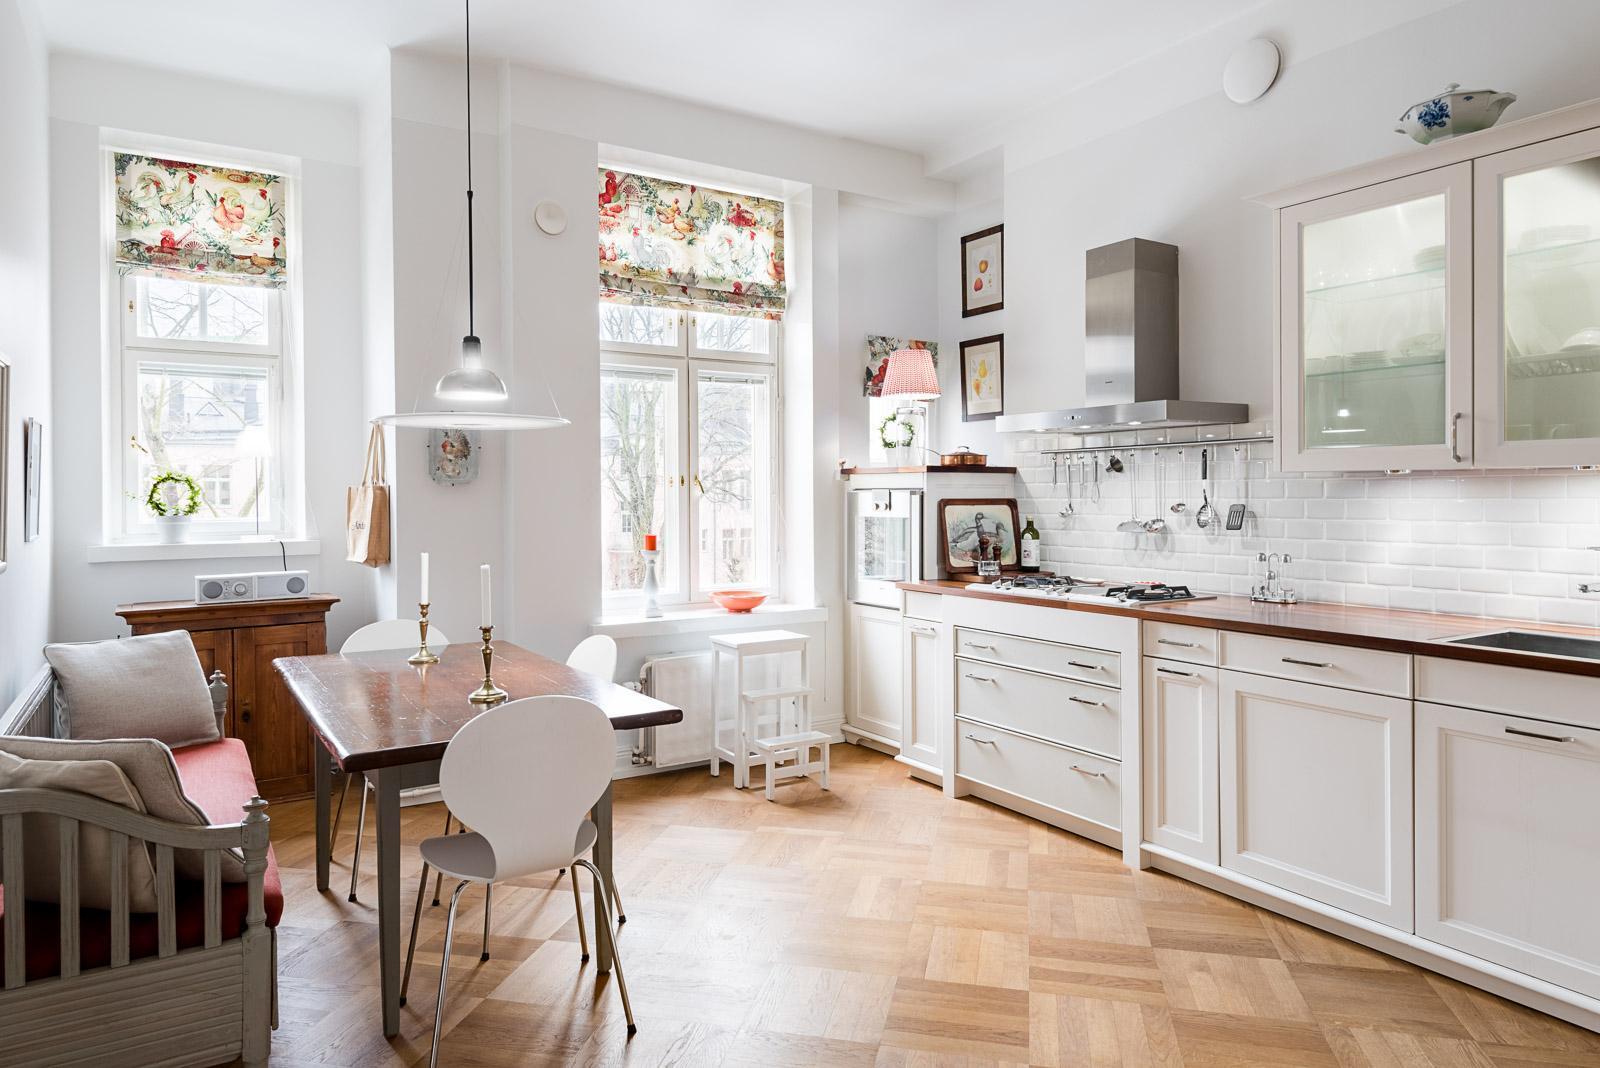 Kaunis keittiö kaupunkikodissa  Etuovi com Ideat & vinkit